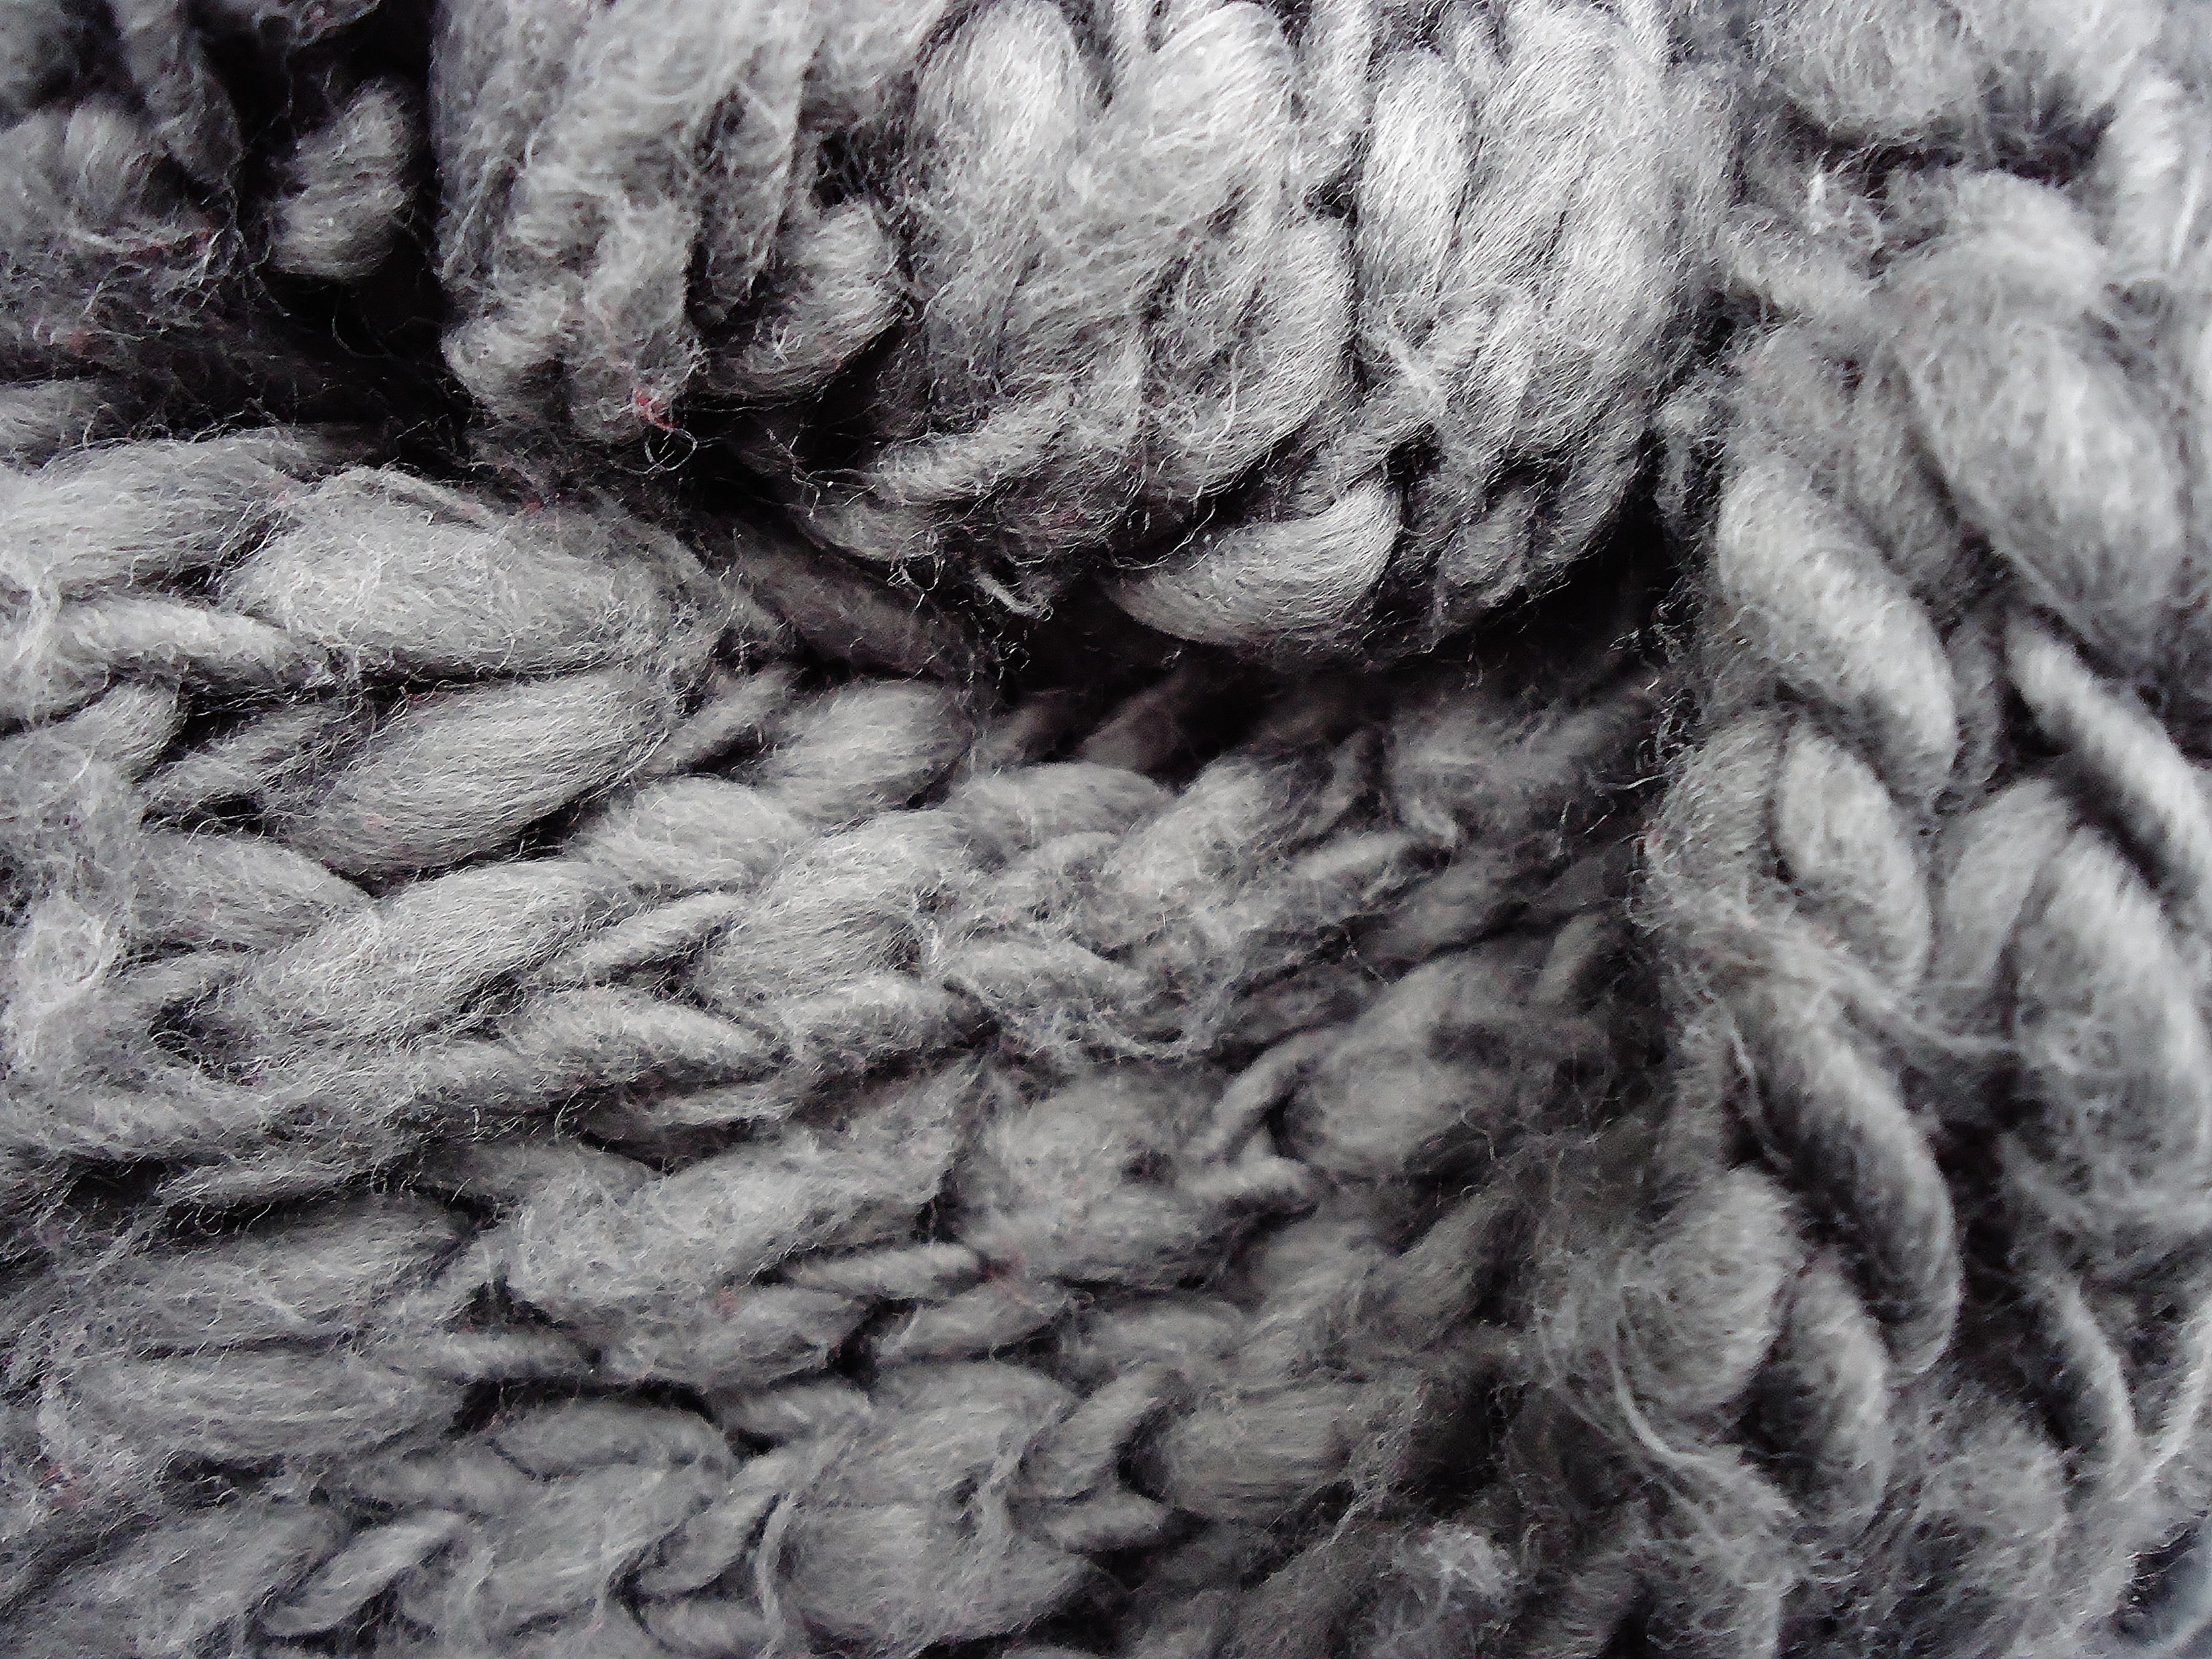 7a2f3cdcd7a1 noir et blanc fourrure modèle la laine chaleur écharpe Matériel fil textile  gris art douceur